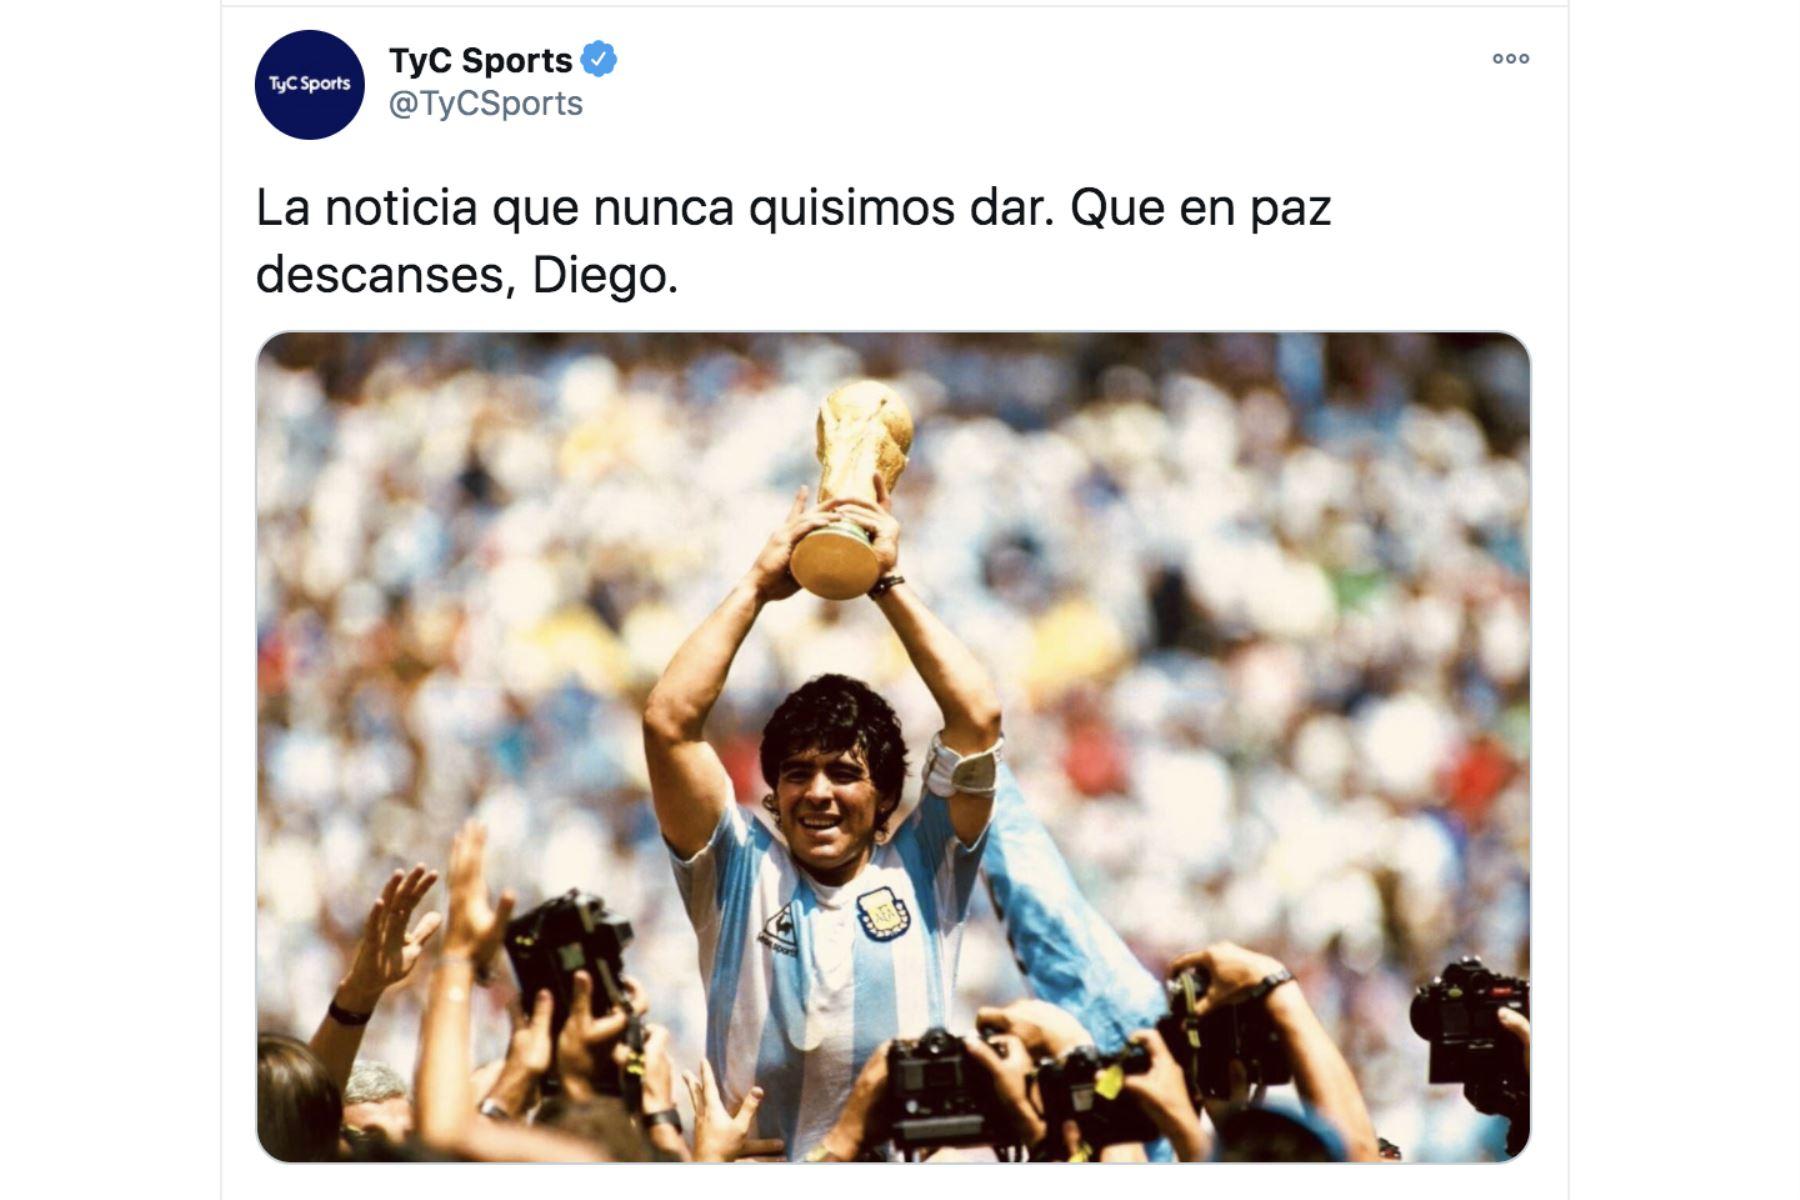 Así informa la prensa mundial la muerte de Diego Armando Maradona. TyC Sports.